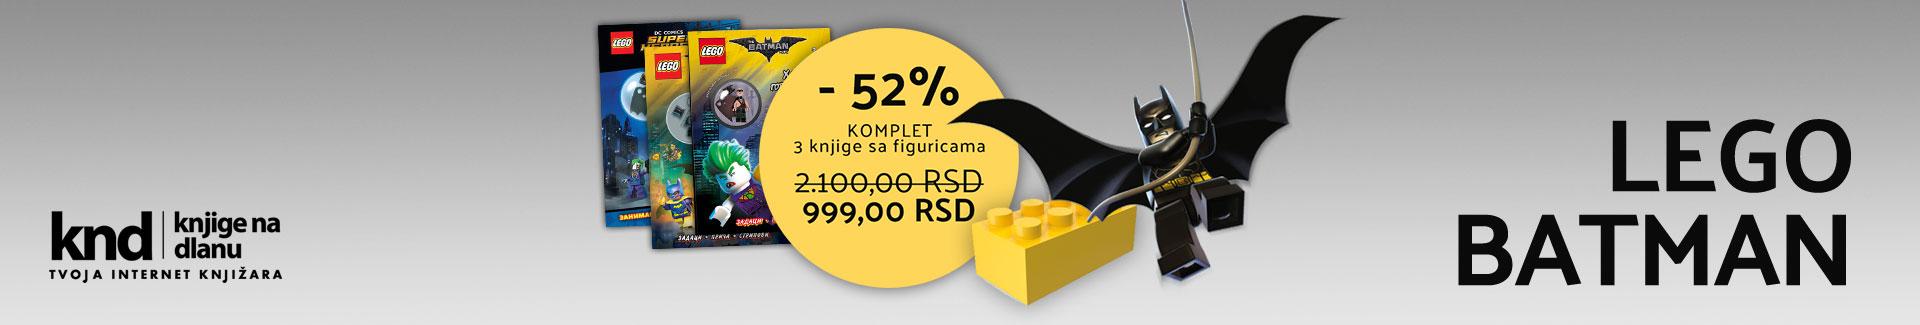 LEGO BATMAN komplet – 3 knjige sa figuricama za 999